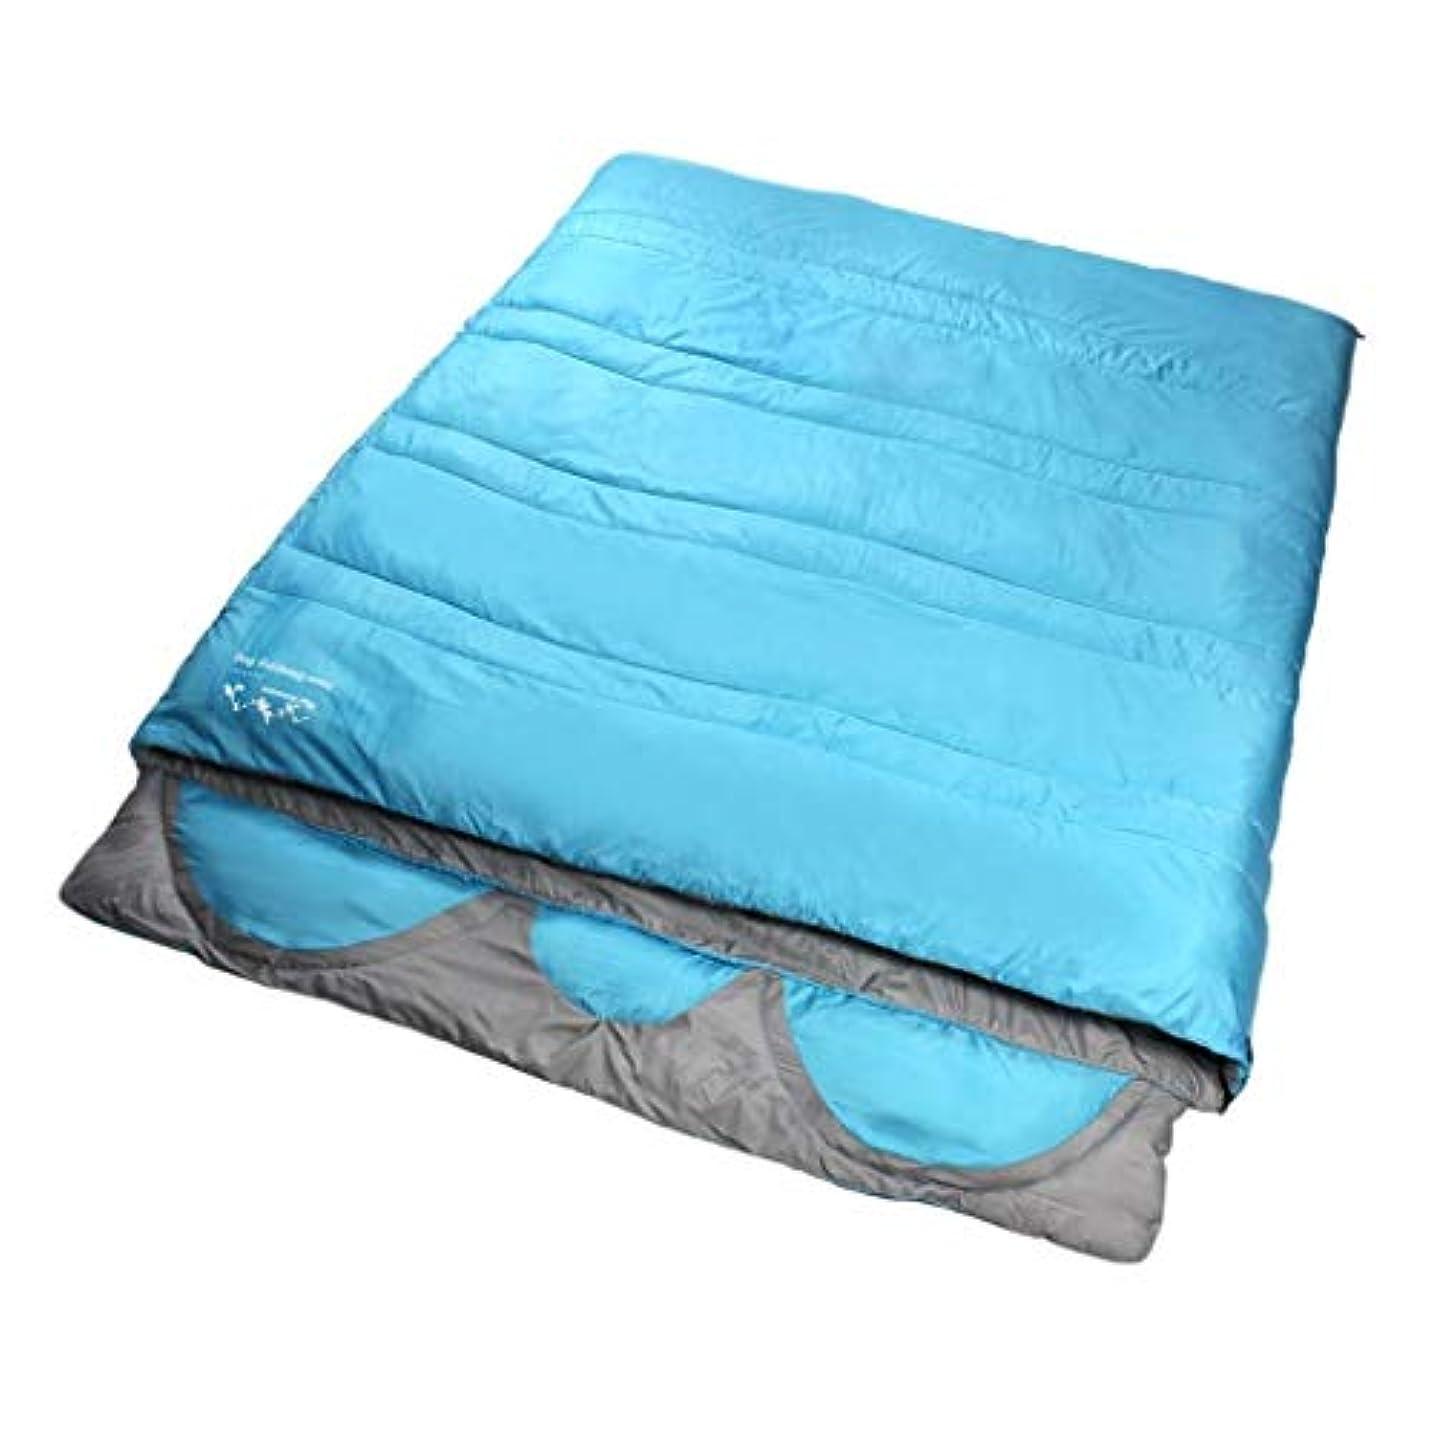 小説弱まる最終3人キャンプの寝袋大人の暖かい軽量4シーズンの圧縮アウトドア旅行ハイキング活動青緑